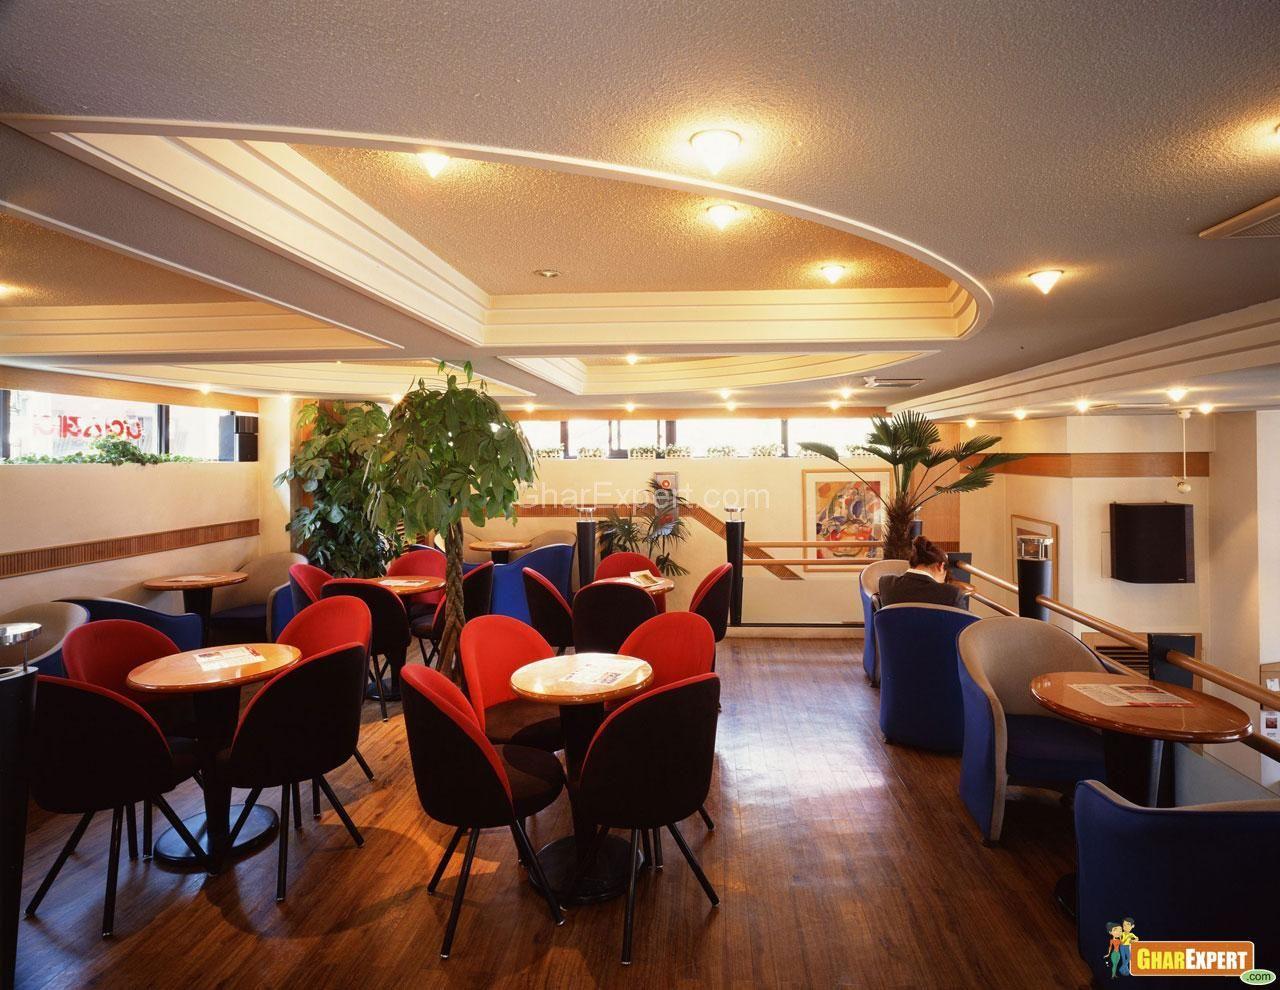 Inspiration Design Ceiling For Restaurants